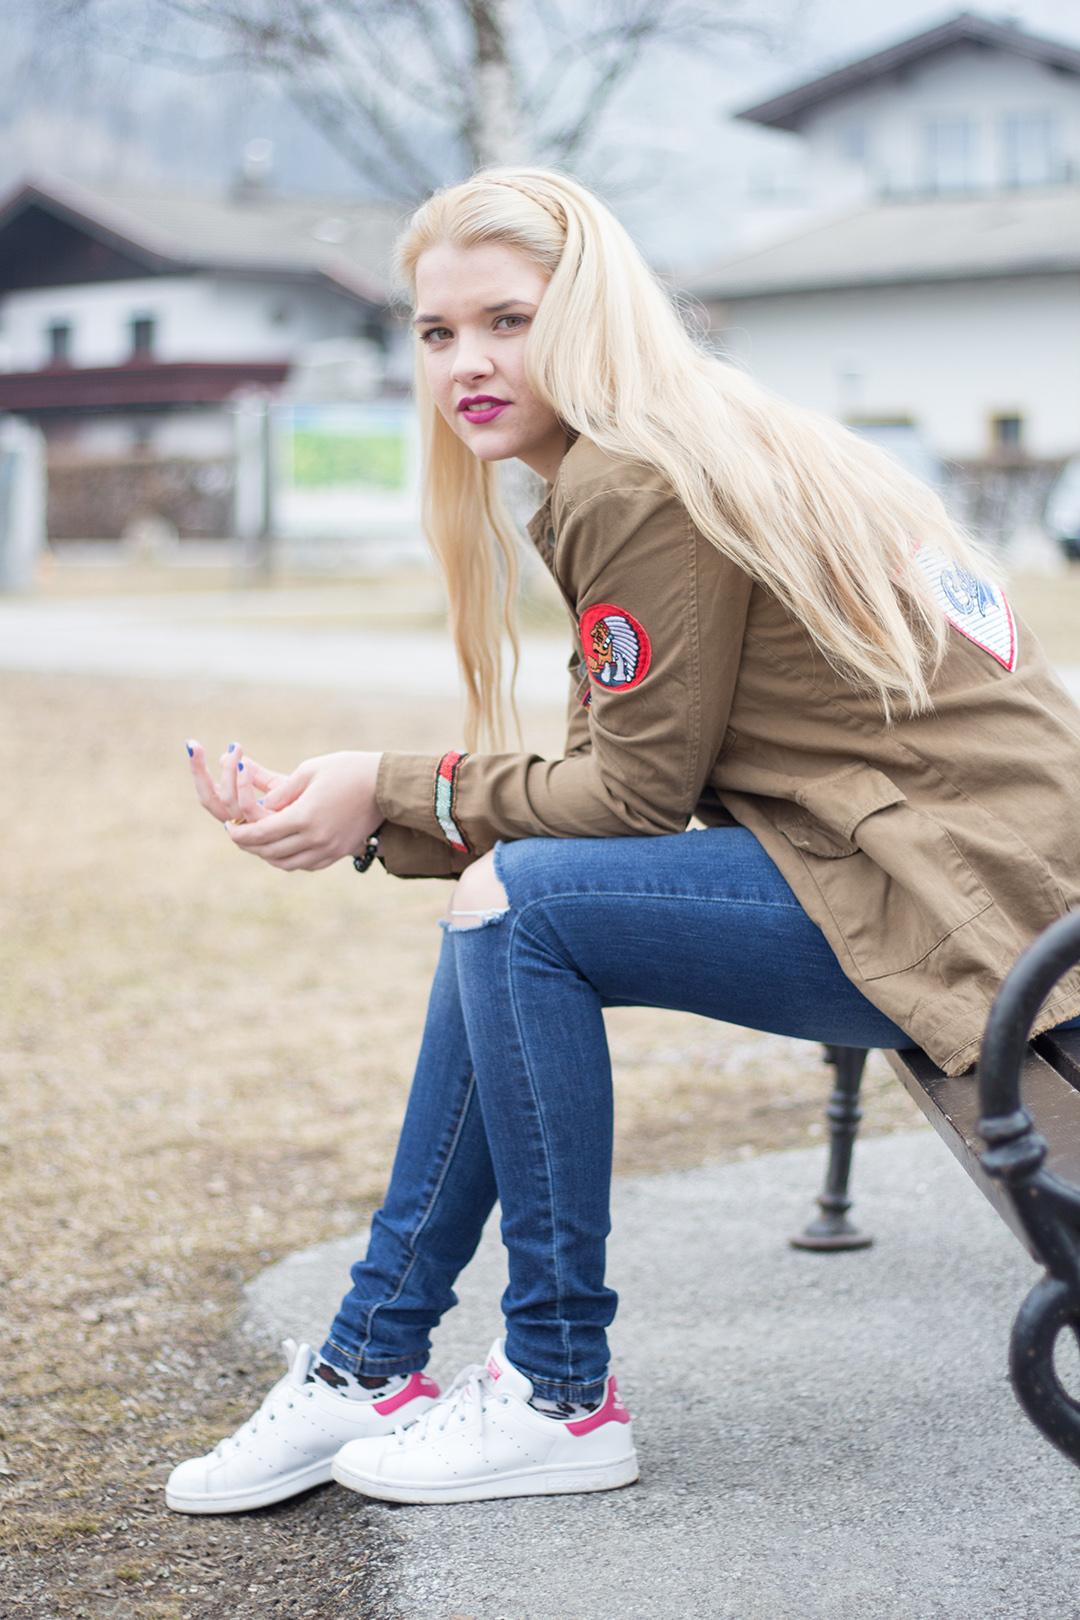 Grüne Patches Jacke mit blauer Jeans und Stand Smith Sneaker